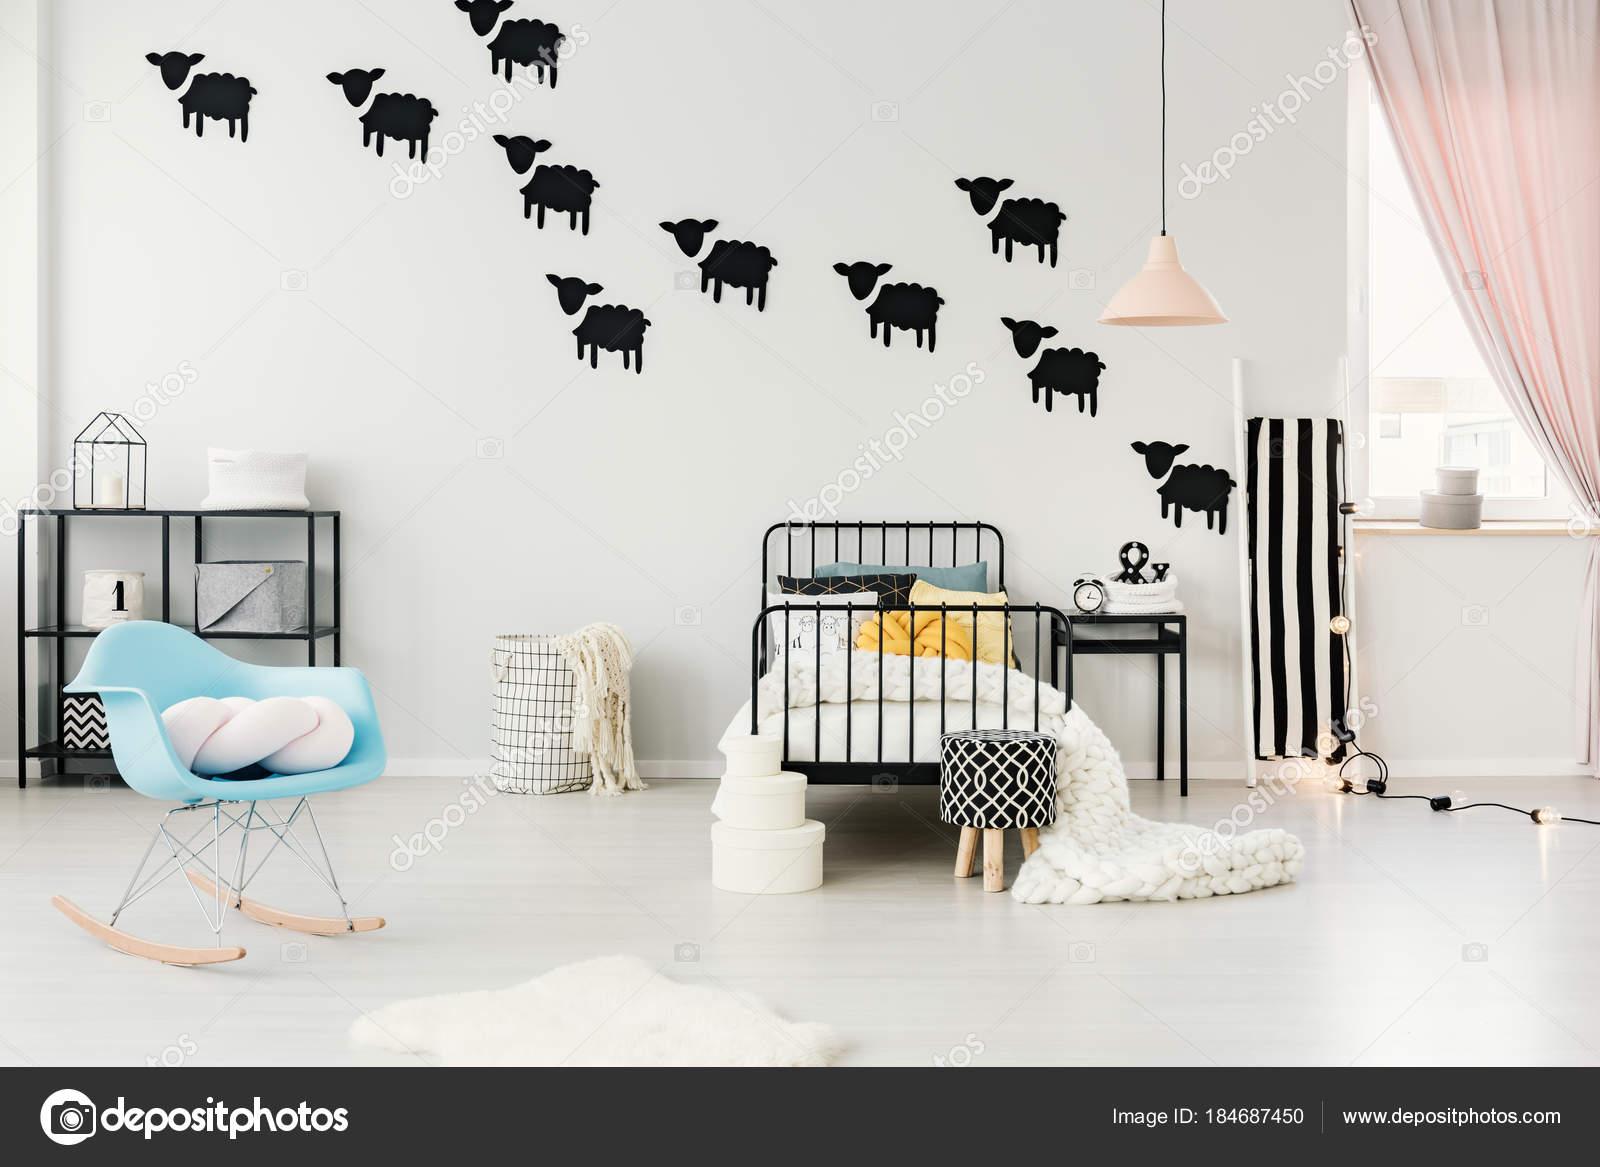 Adesivi di pecore in camera da letto accogliente — Foto Stock ...